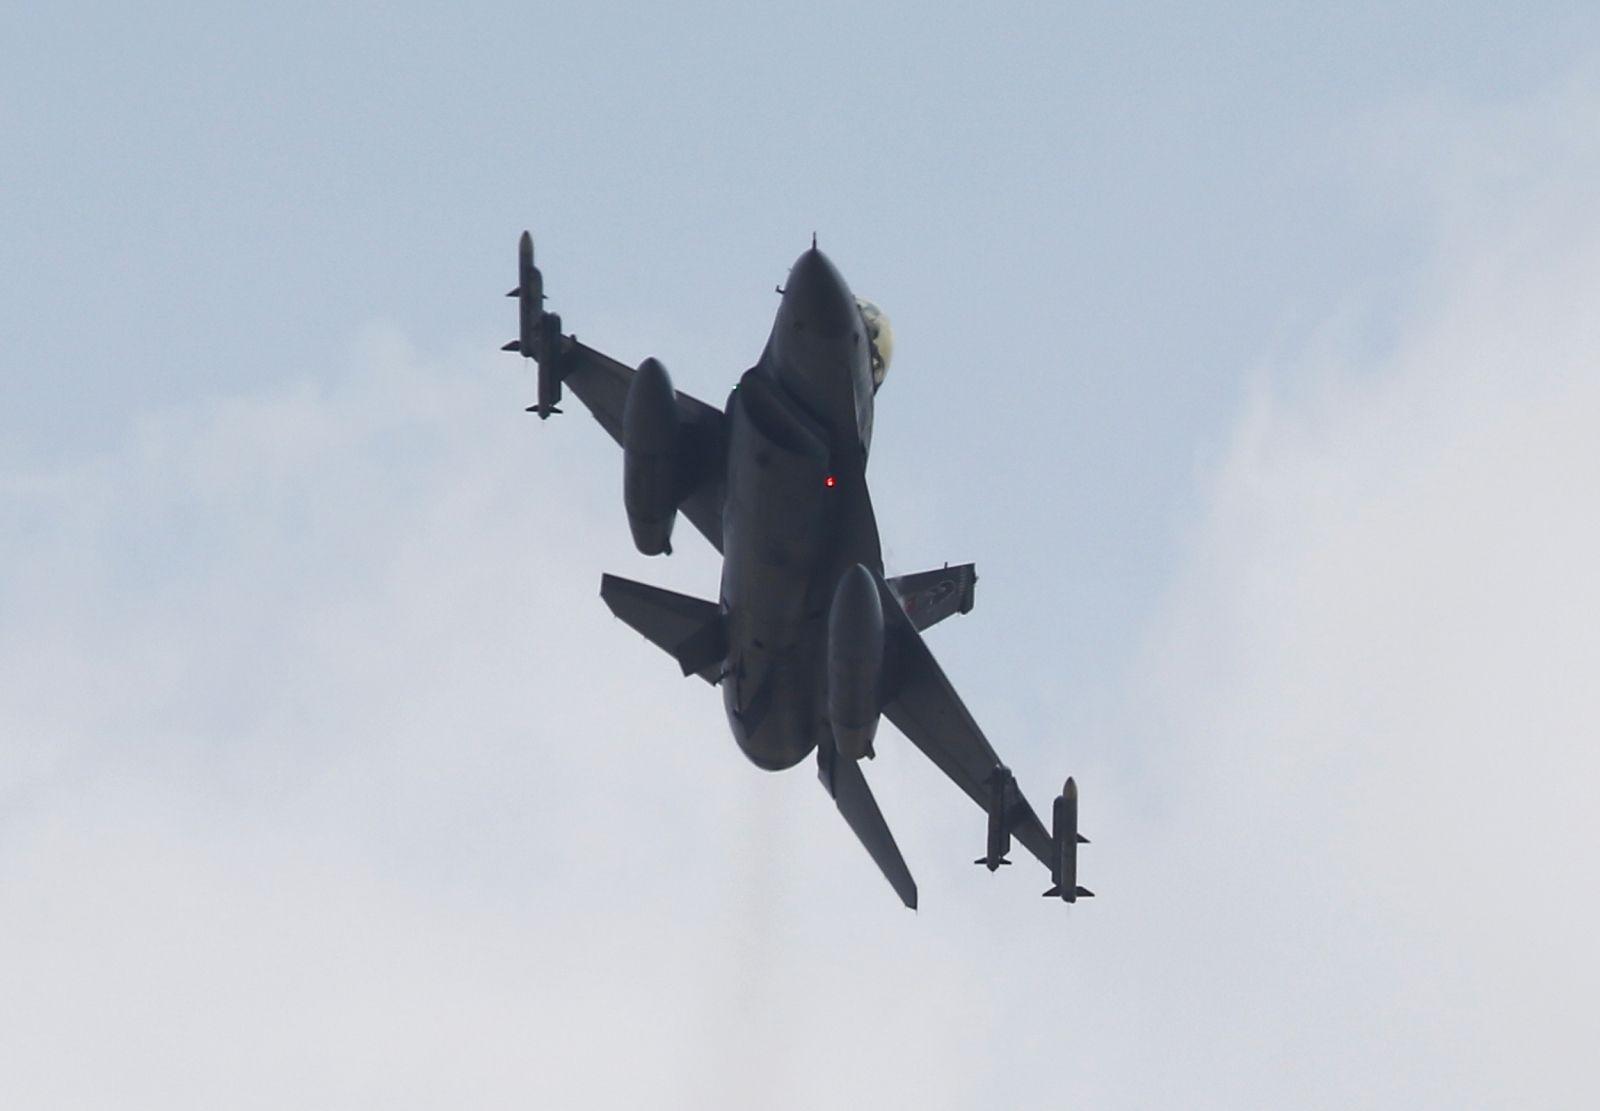 Turkey launches PKK airstrikes